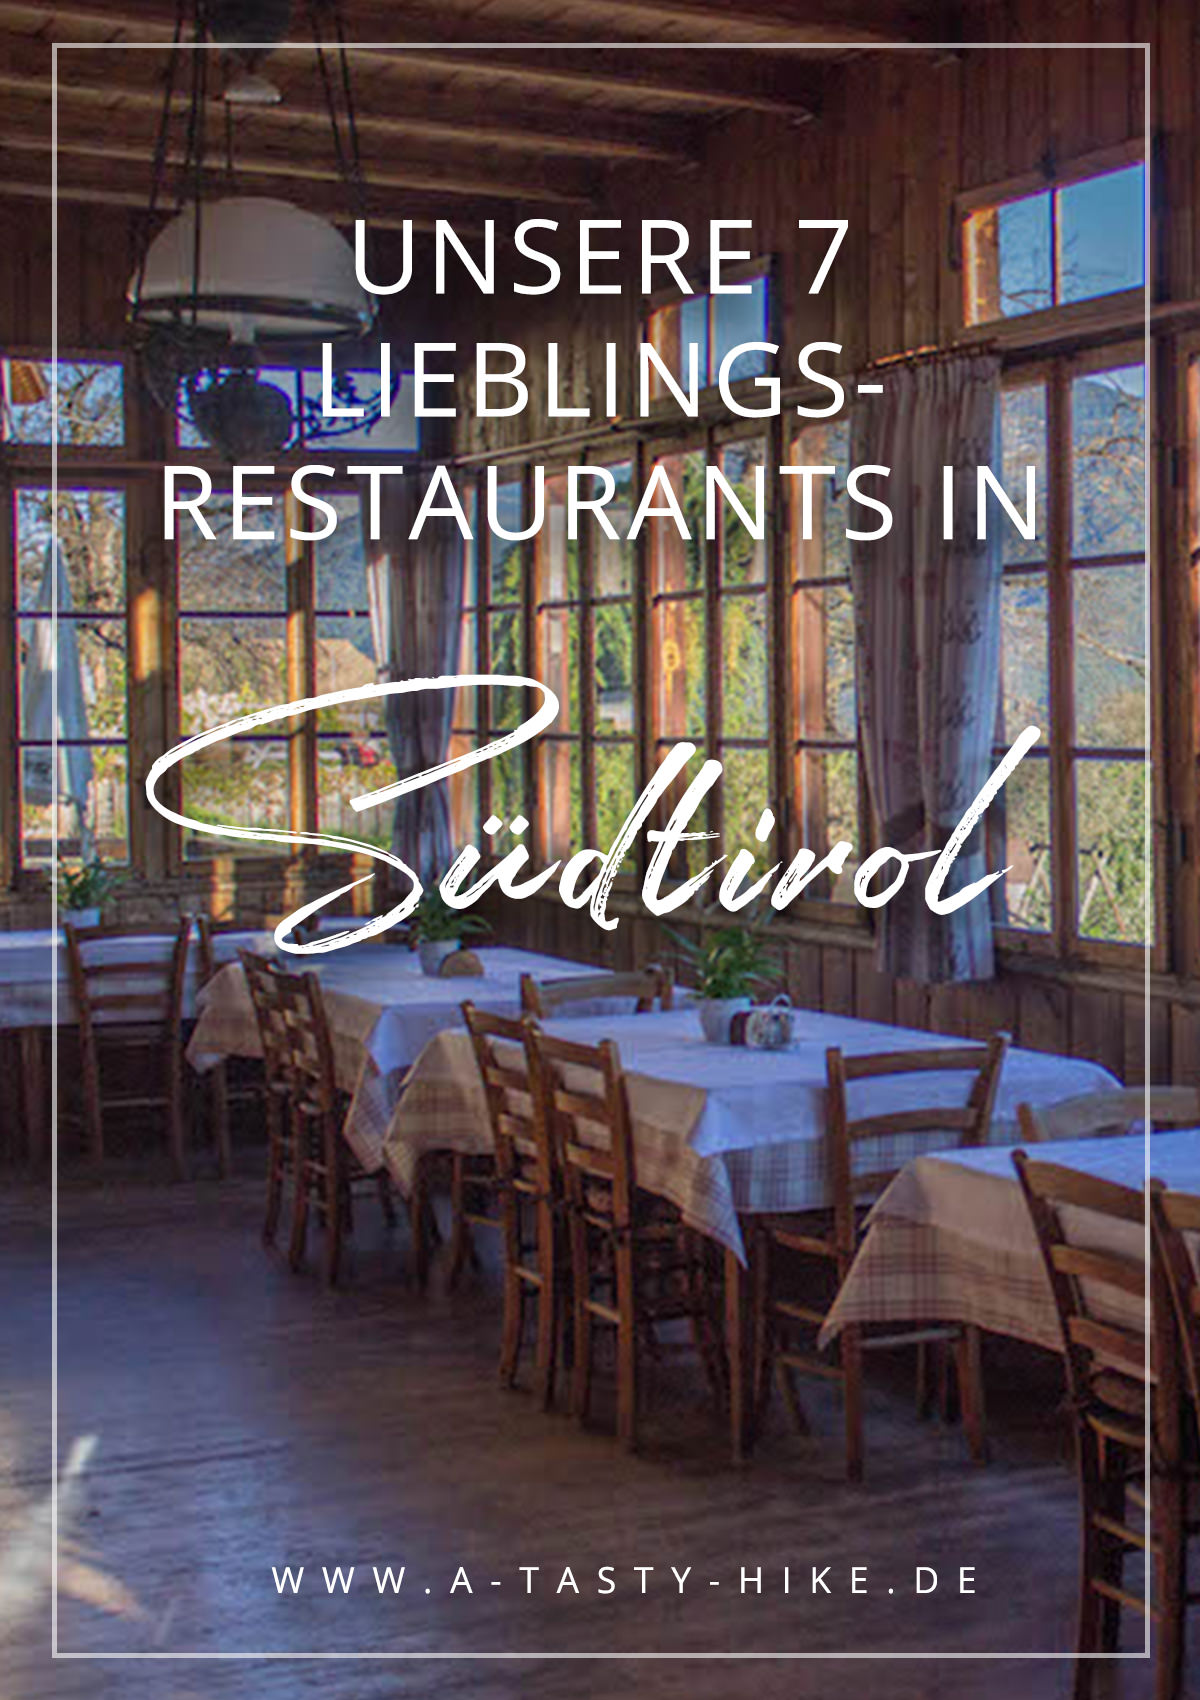 Italienische und Südtiroler Küche in besonderem Ambiente – Unsere Lieblings-Restaurants in Südtirol